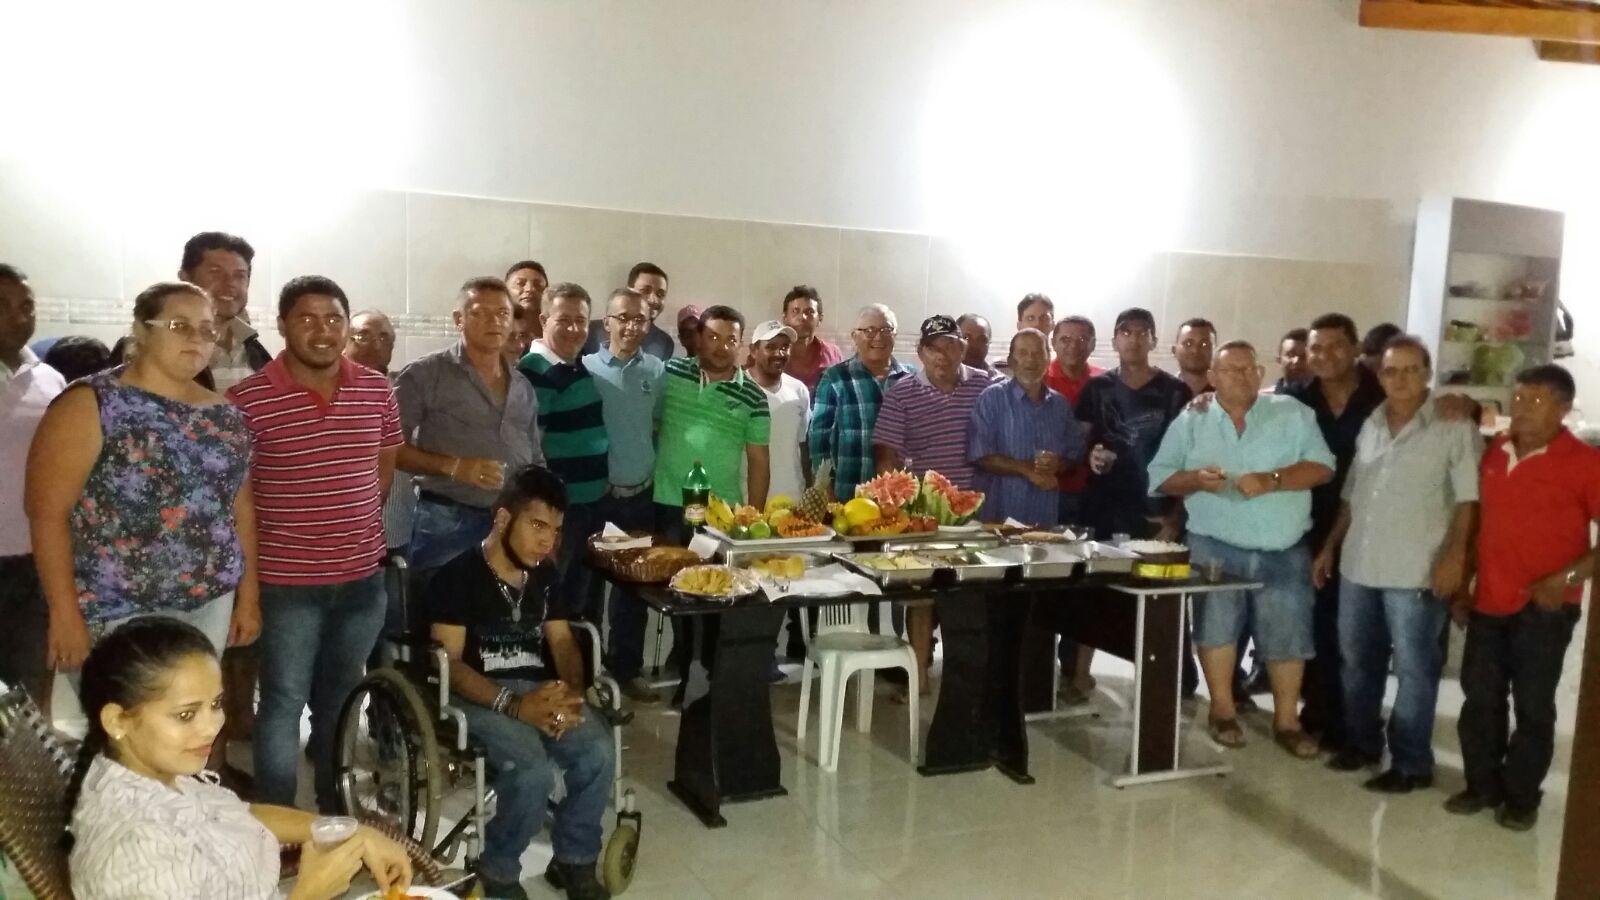 PAulo-ser-e-lideranças-300x169 Ex-Deputado, vereadores e lideranças consolidam apoio à pré-candidatura de Paulo Sergio a prefeito de Monteiro.